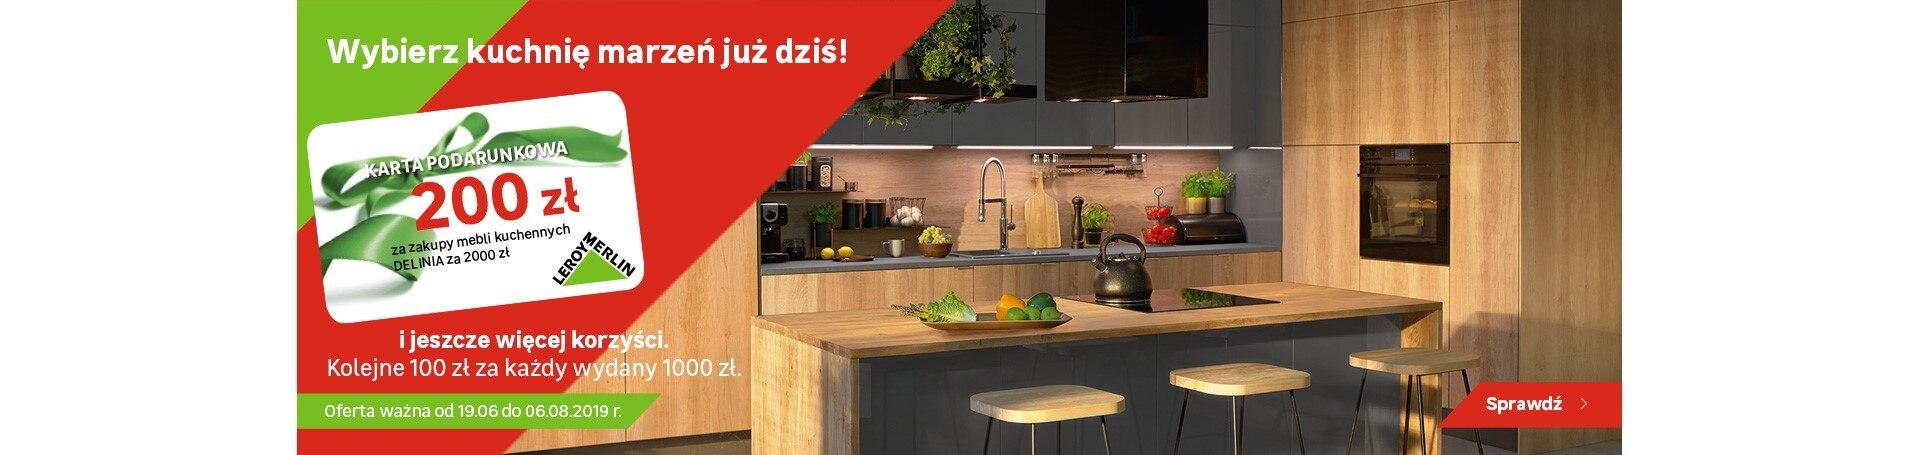 rr-kuchnie-karta-1323x455